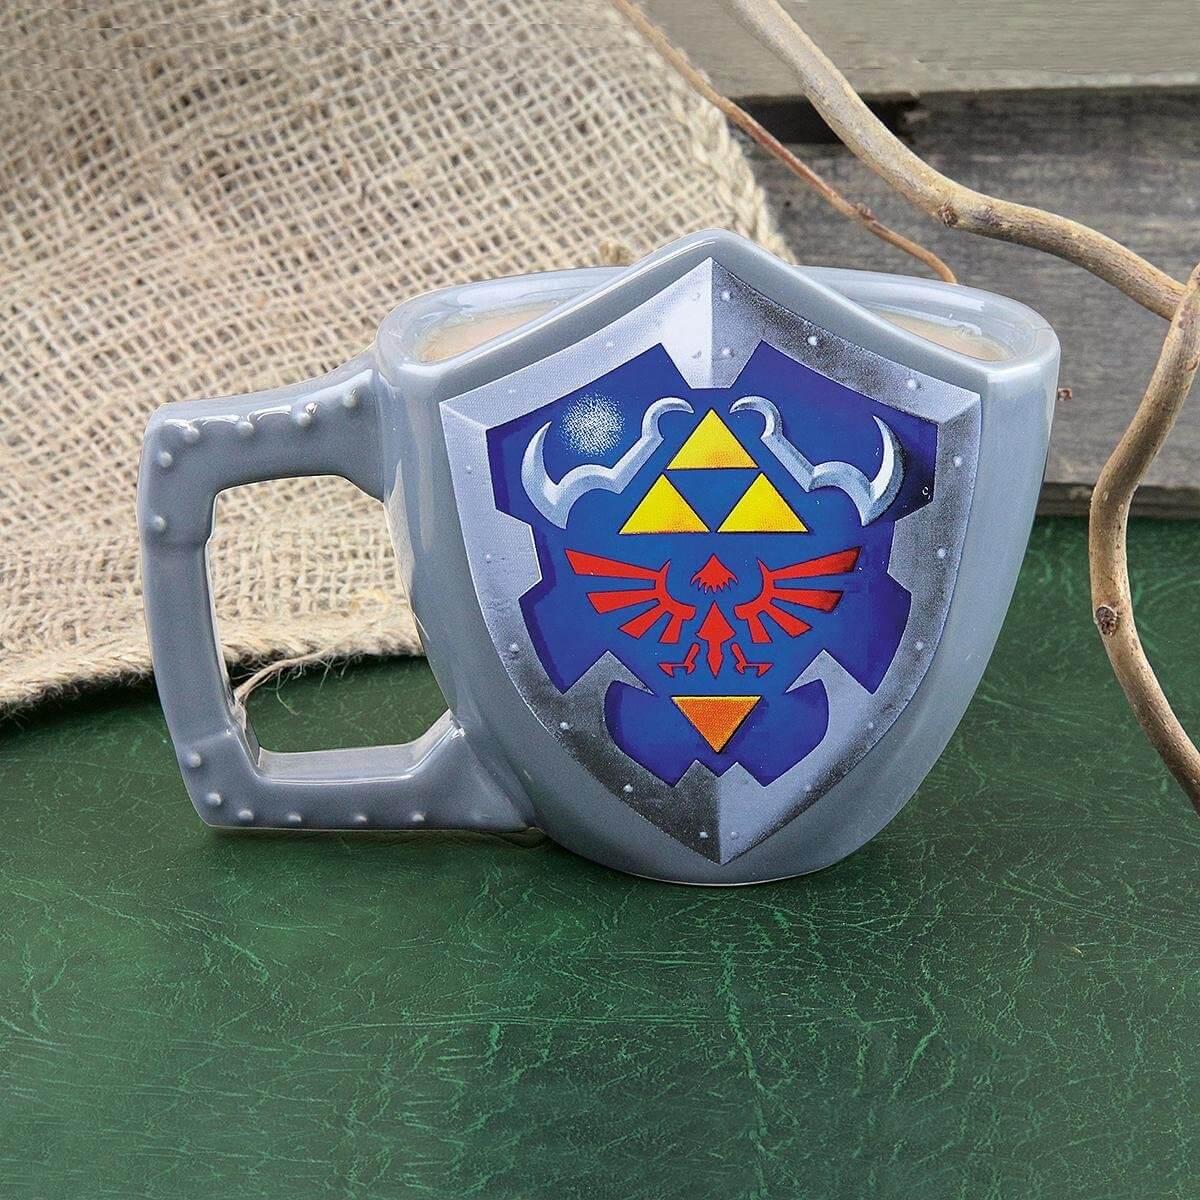 Nerd Geschenke - Die besten Gadgets für Geeks - Legende Zelda Becher Tasse Schield